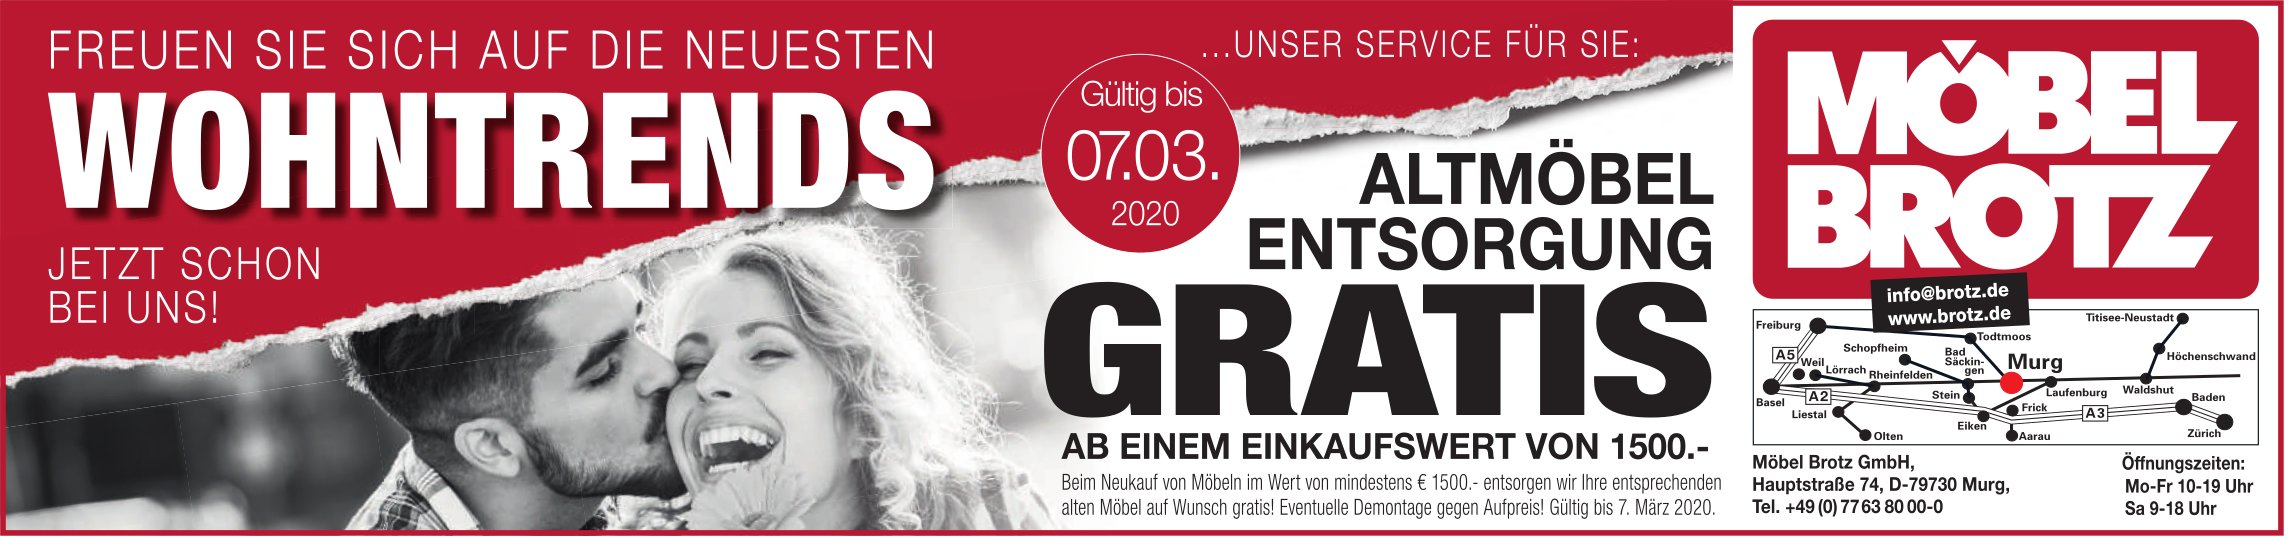 Freuen Sie sich auf die neuesten Wohntrends bis 7. März, Möbel Brotz GmbH, Murg